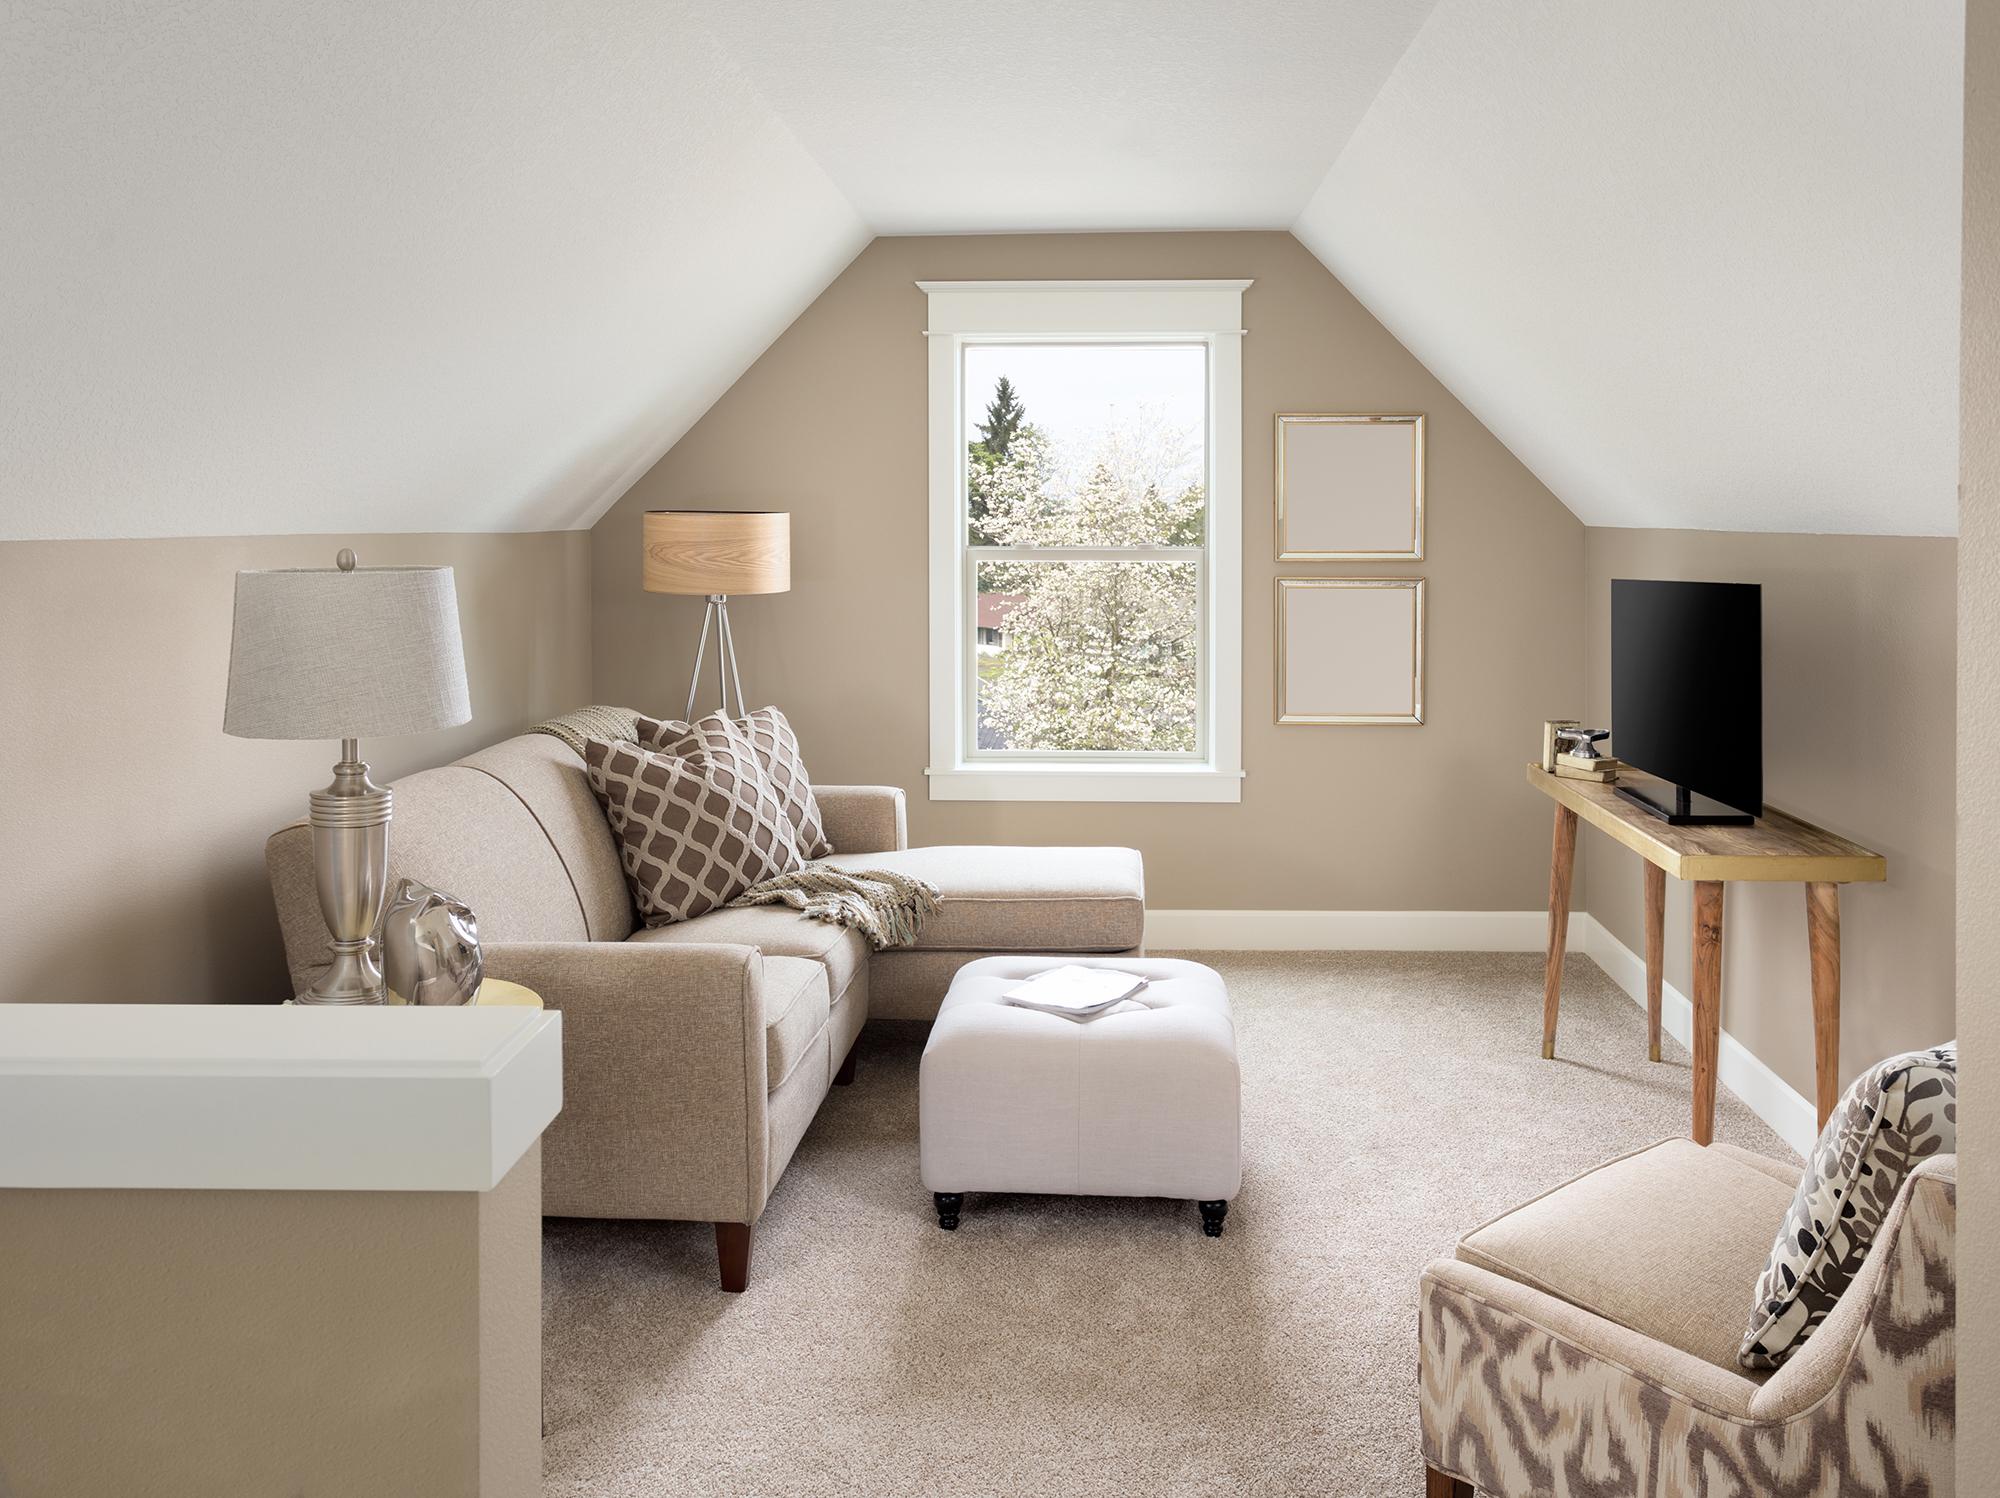 dachzimmer wohnidee  dachkammer im englischen landhausstil